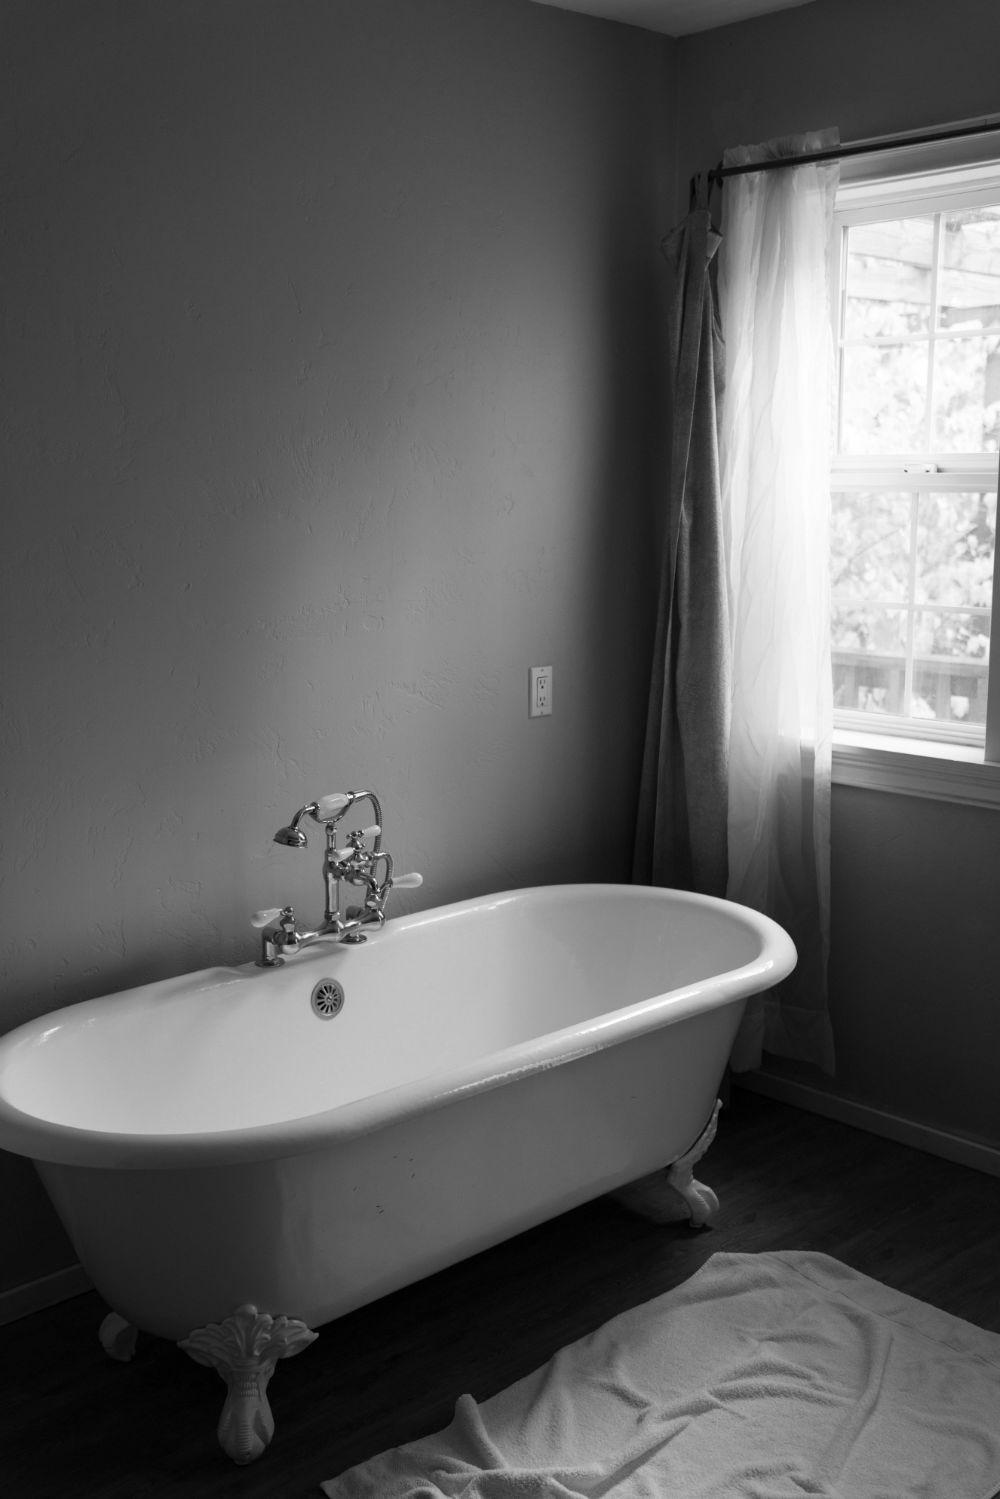 Plomberie salle de bain à Orly dans le 94